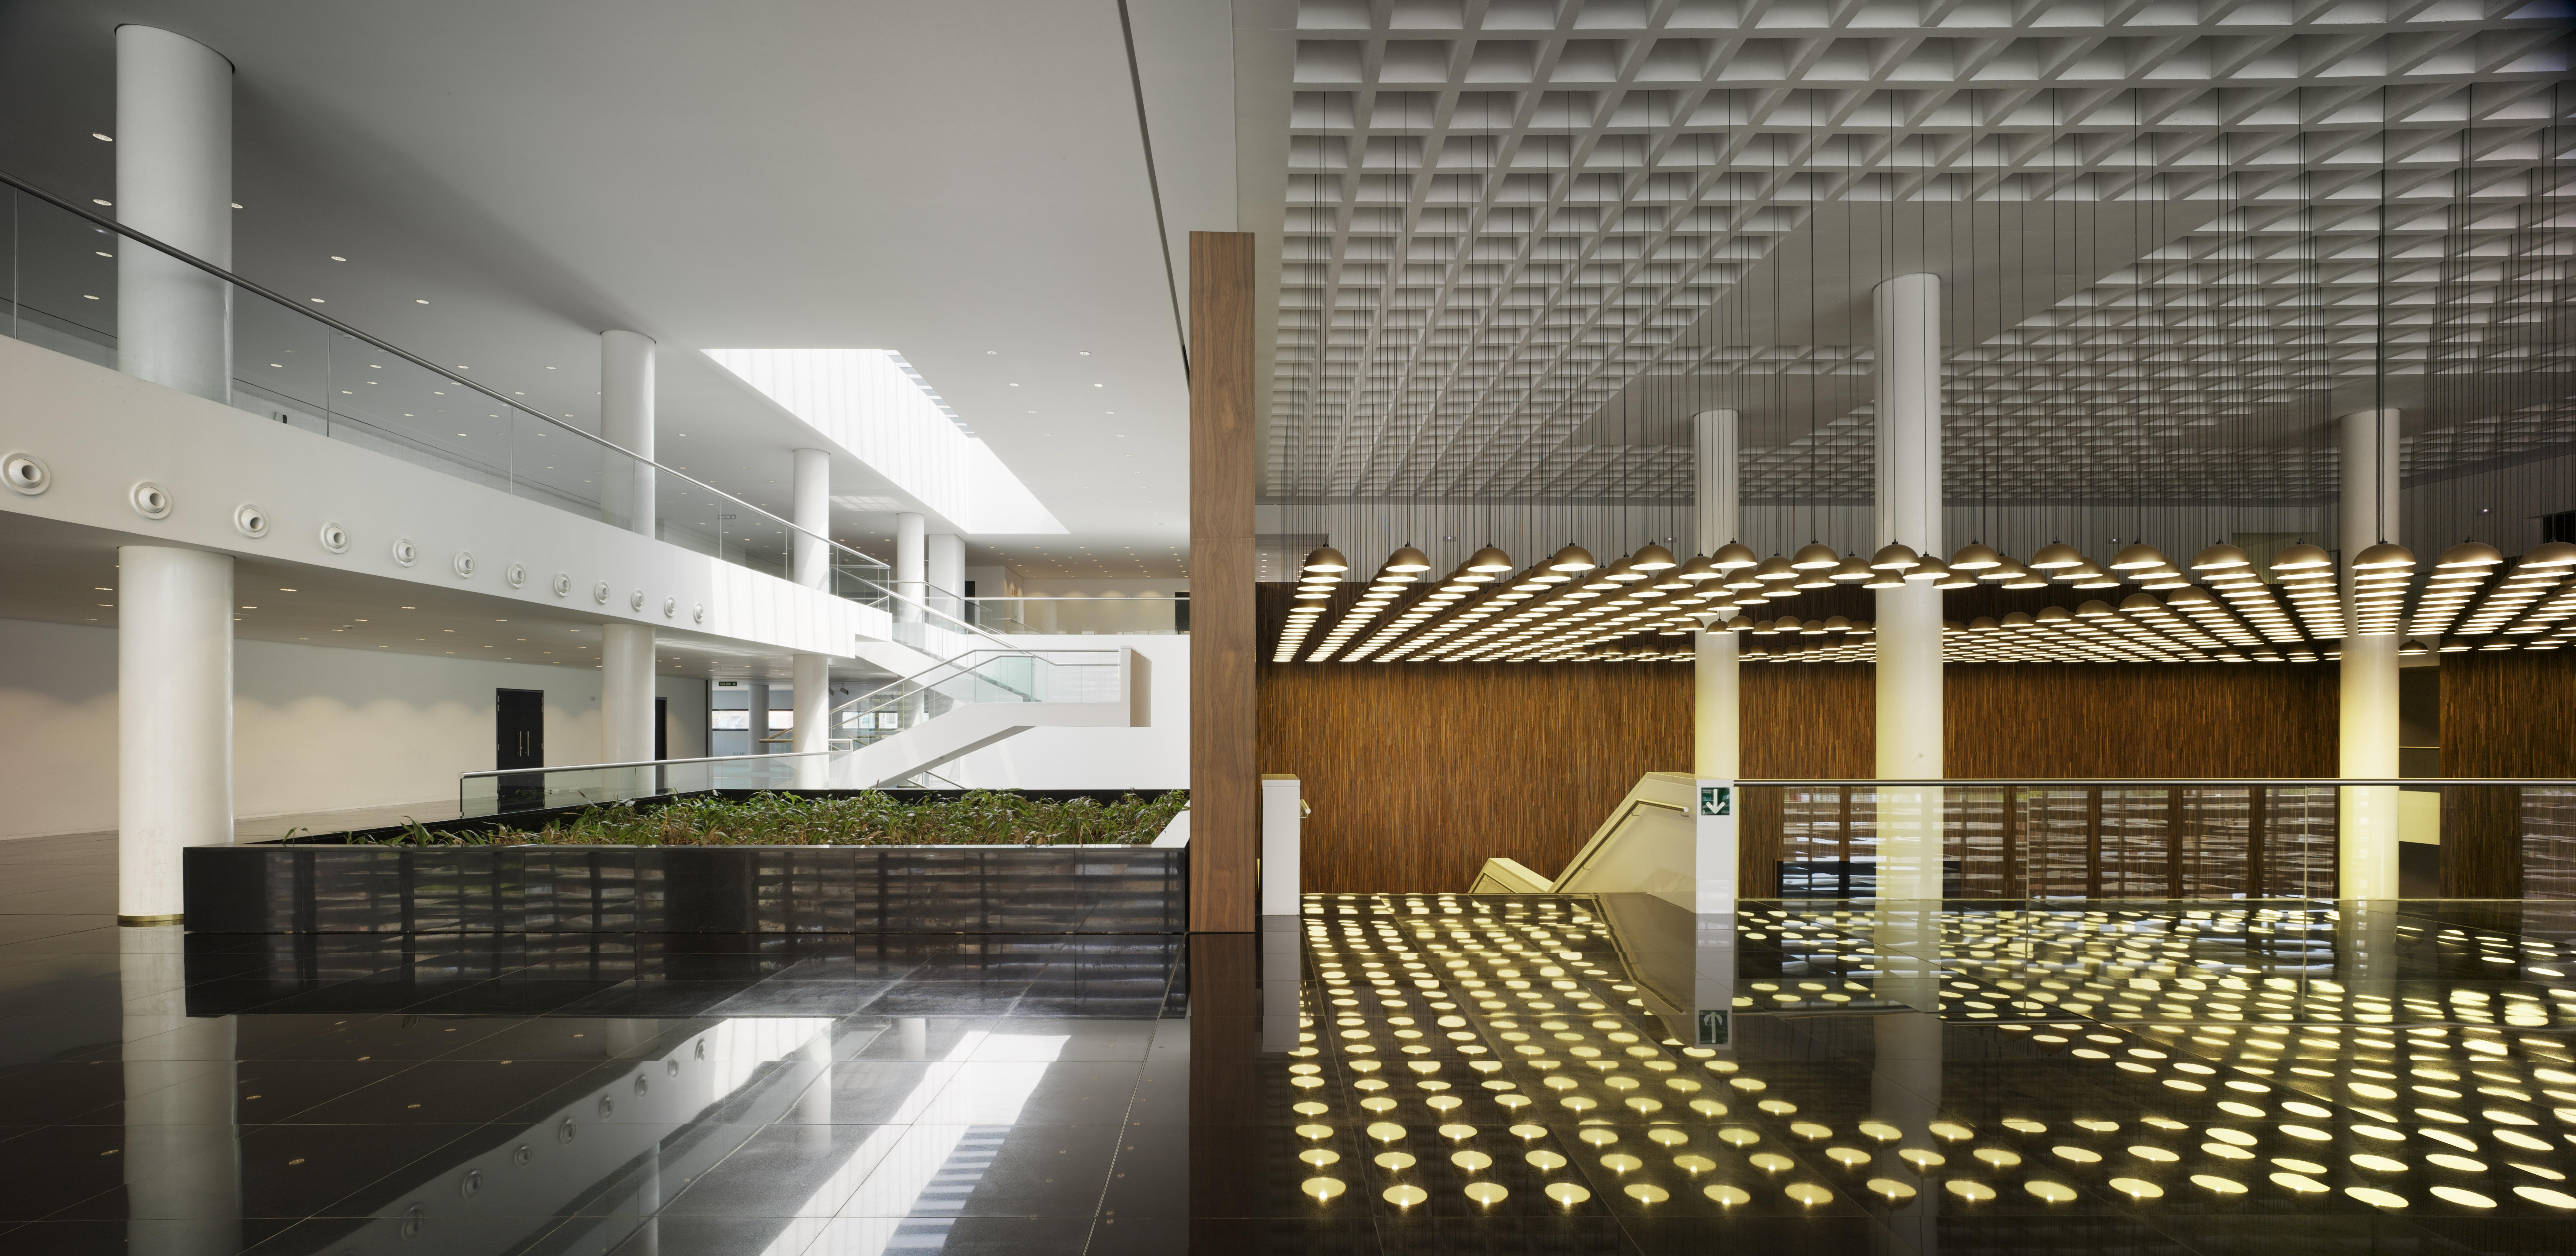 Arquitecto estudio de arquitectura en alicante auditorio - Arquitectos en alicante ...